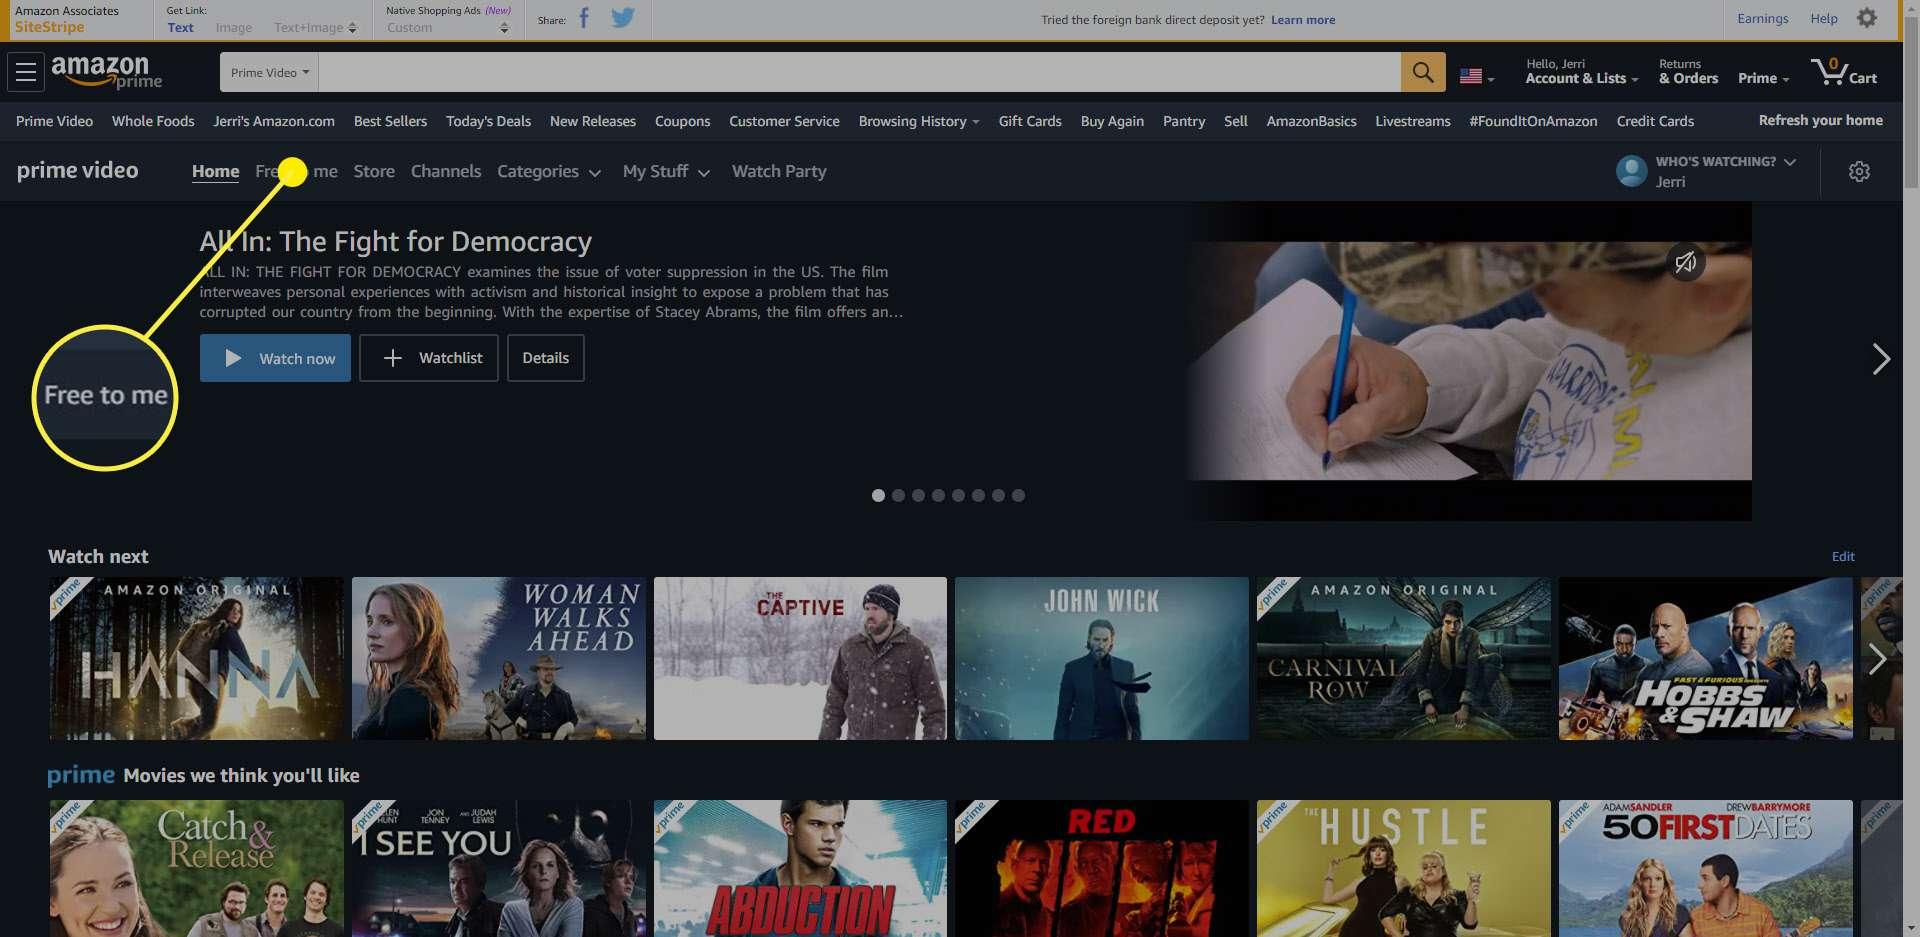 The Free to me option on Amazon Prime Video.